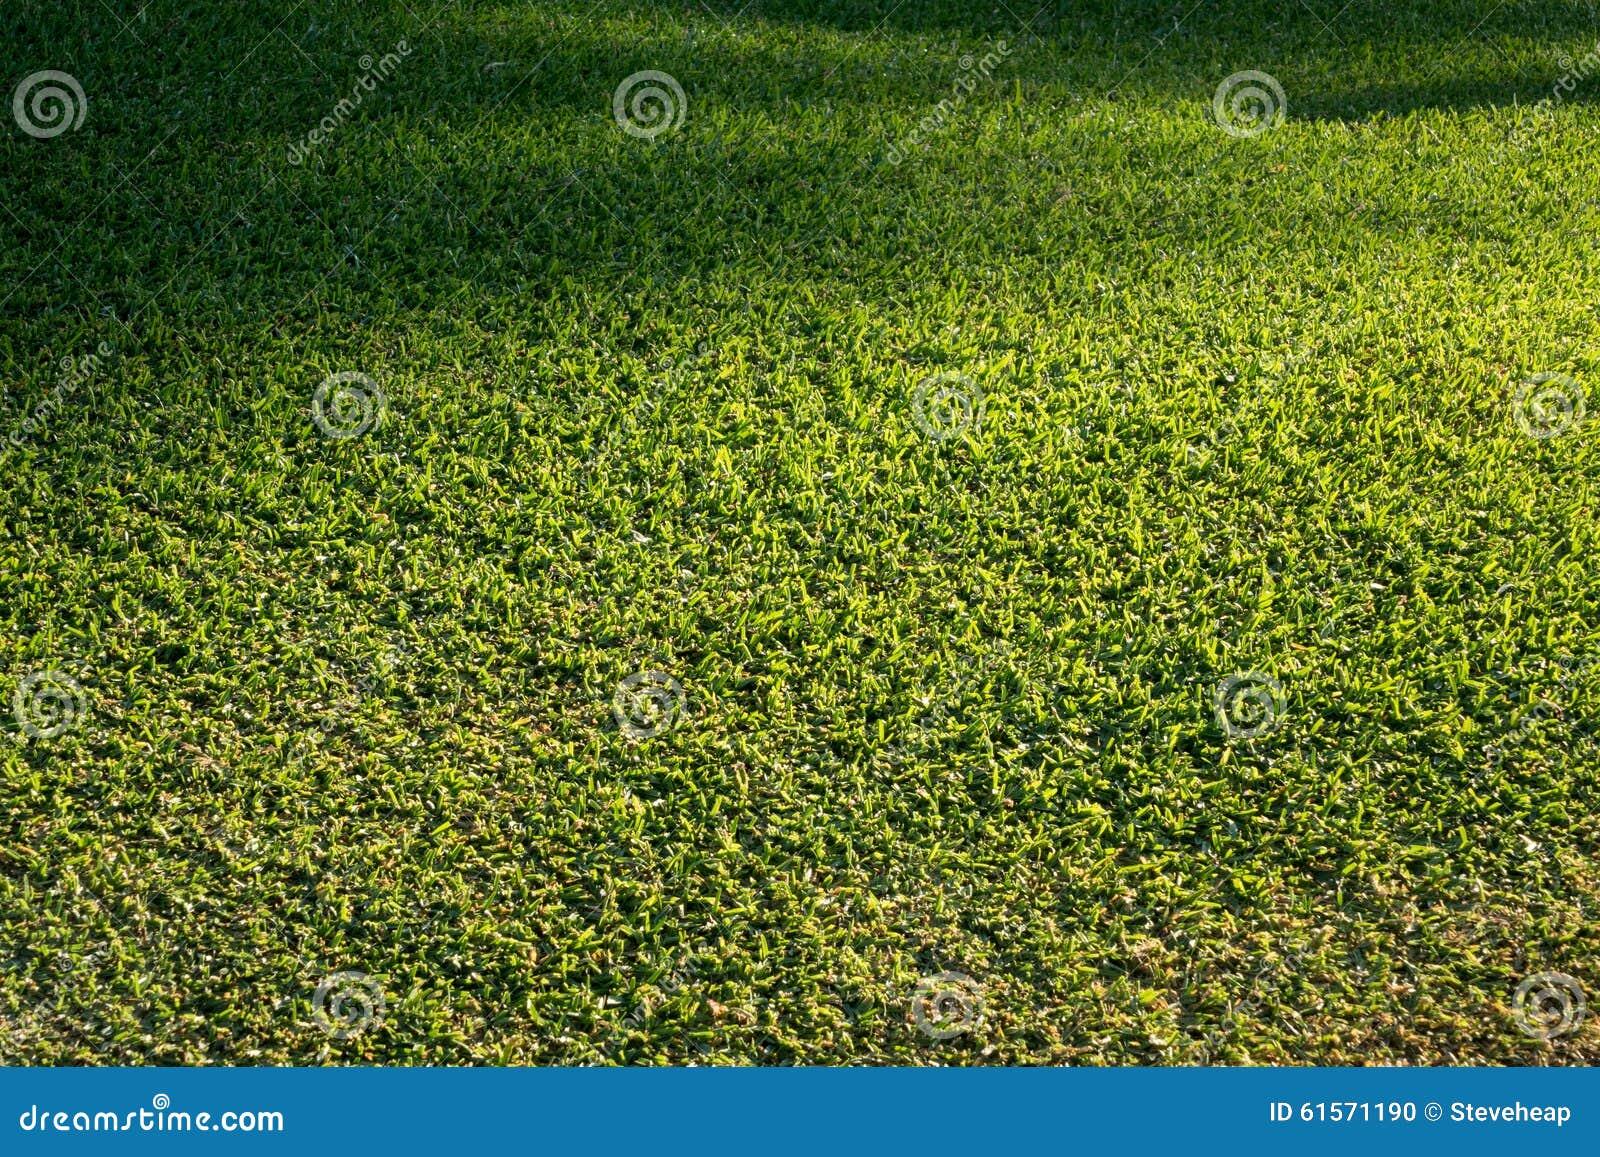 Seitenansicht des eben gemähten Grasrasens